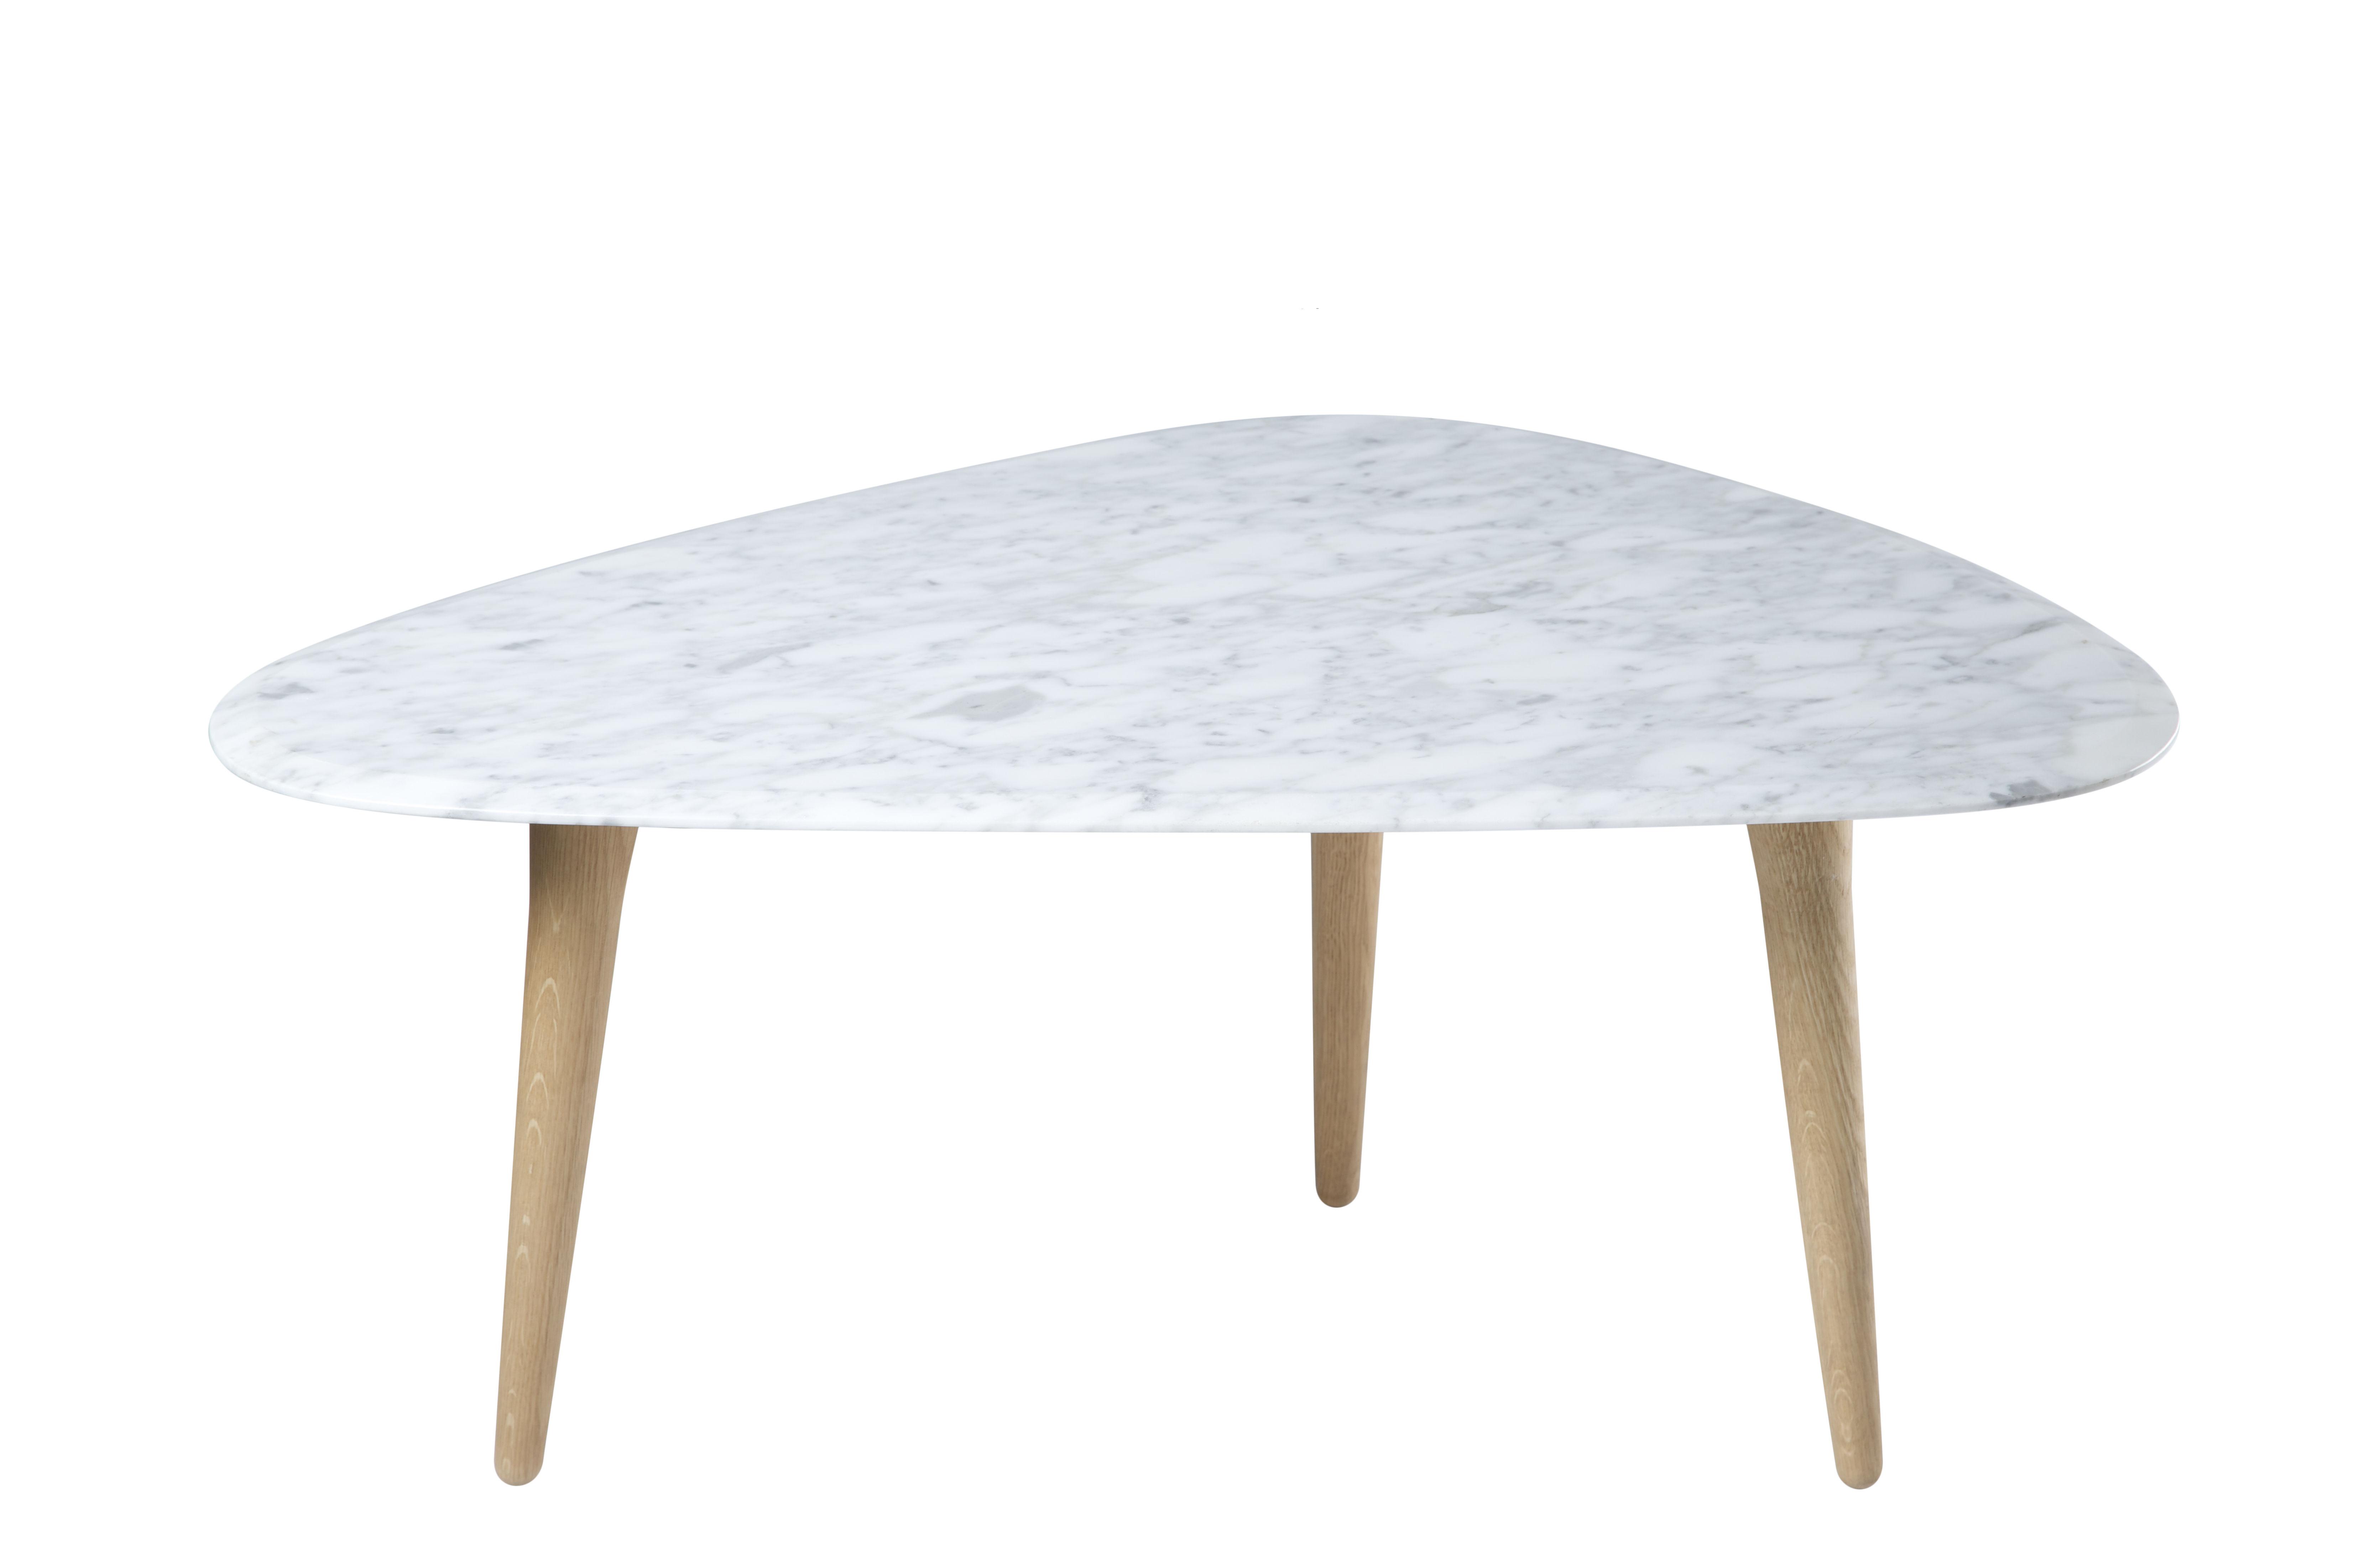 Arredamento - Tavolini  - Tavolino Small - / Marmo - 85 x 53 cm di RED Edition - Marmo Bianco / Rovere - Marmo, Rovere massello